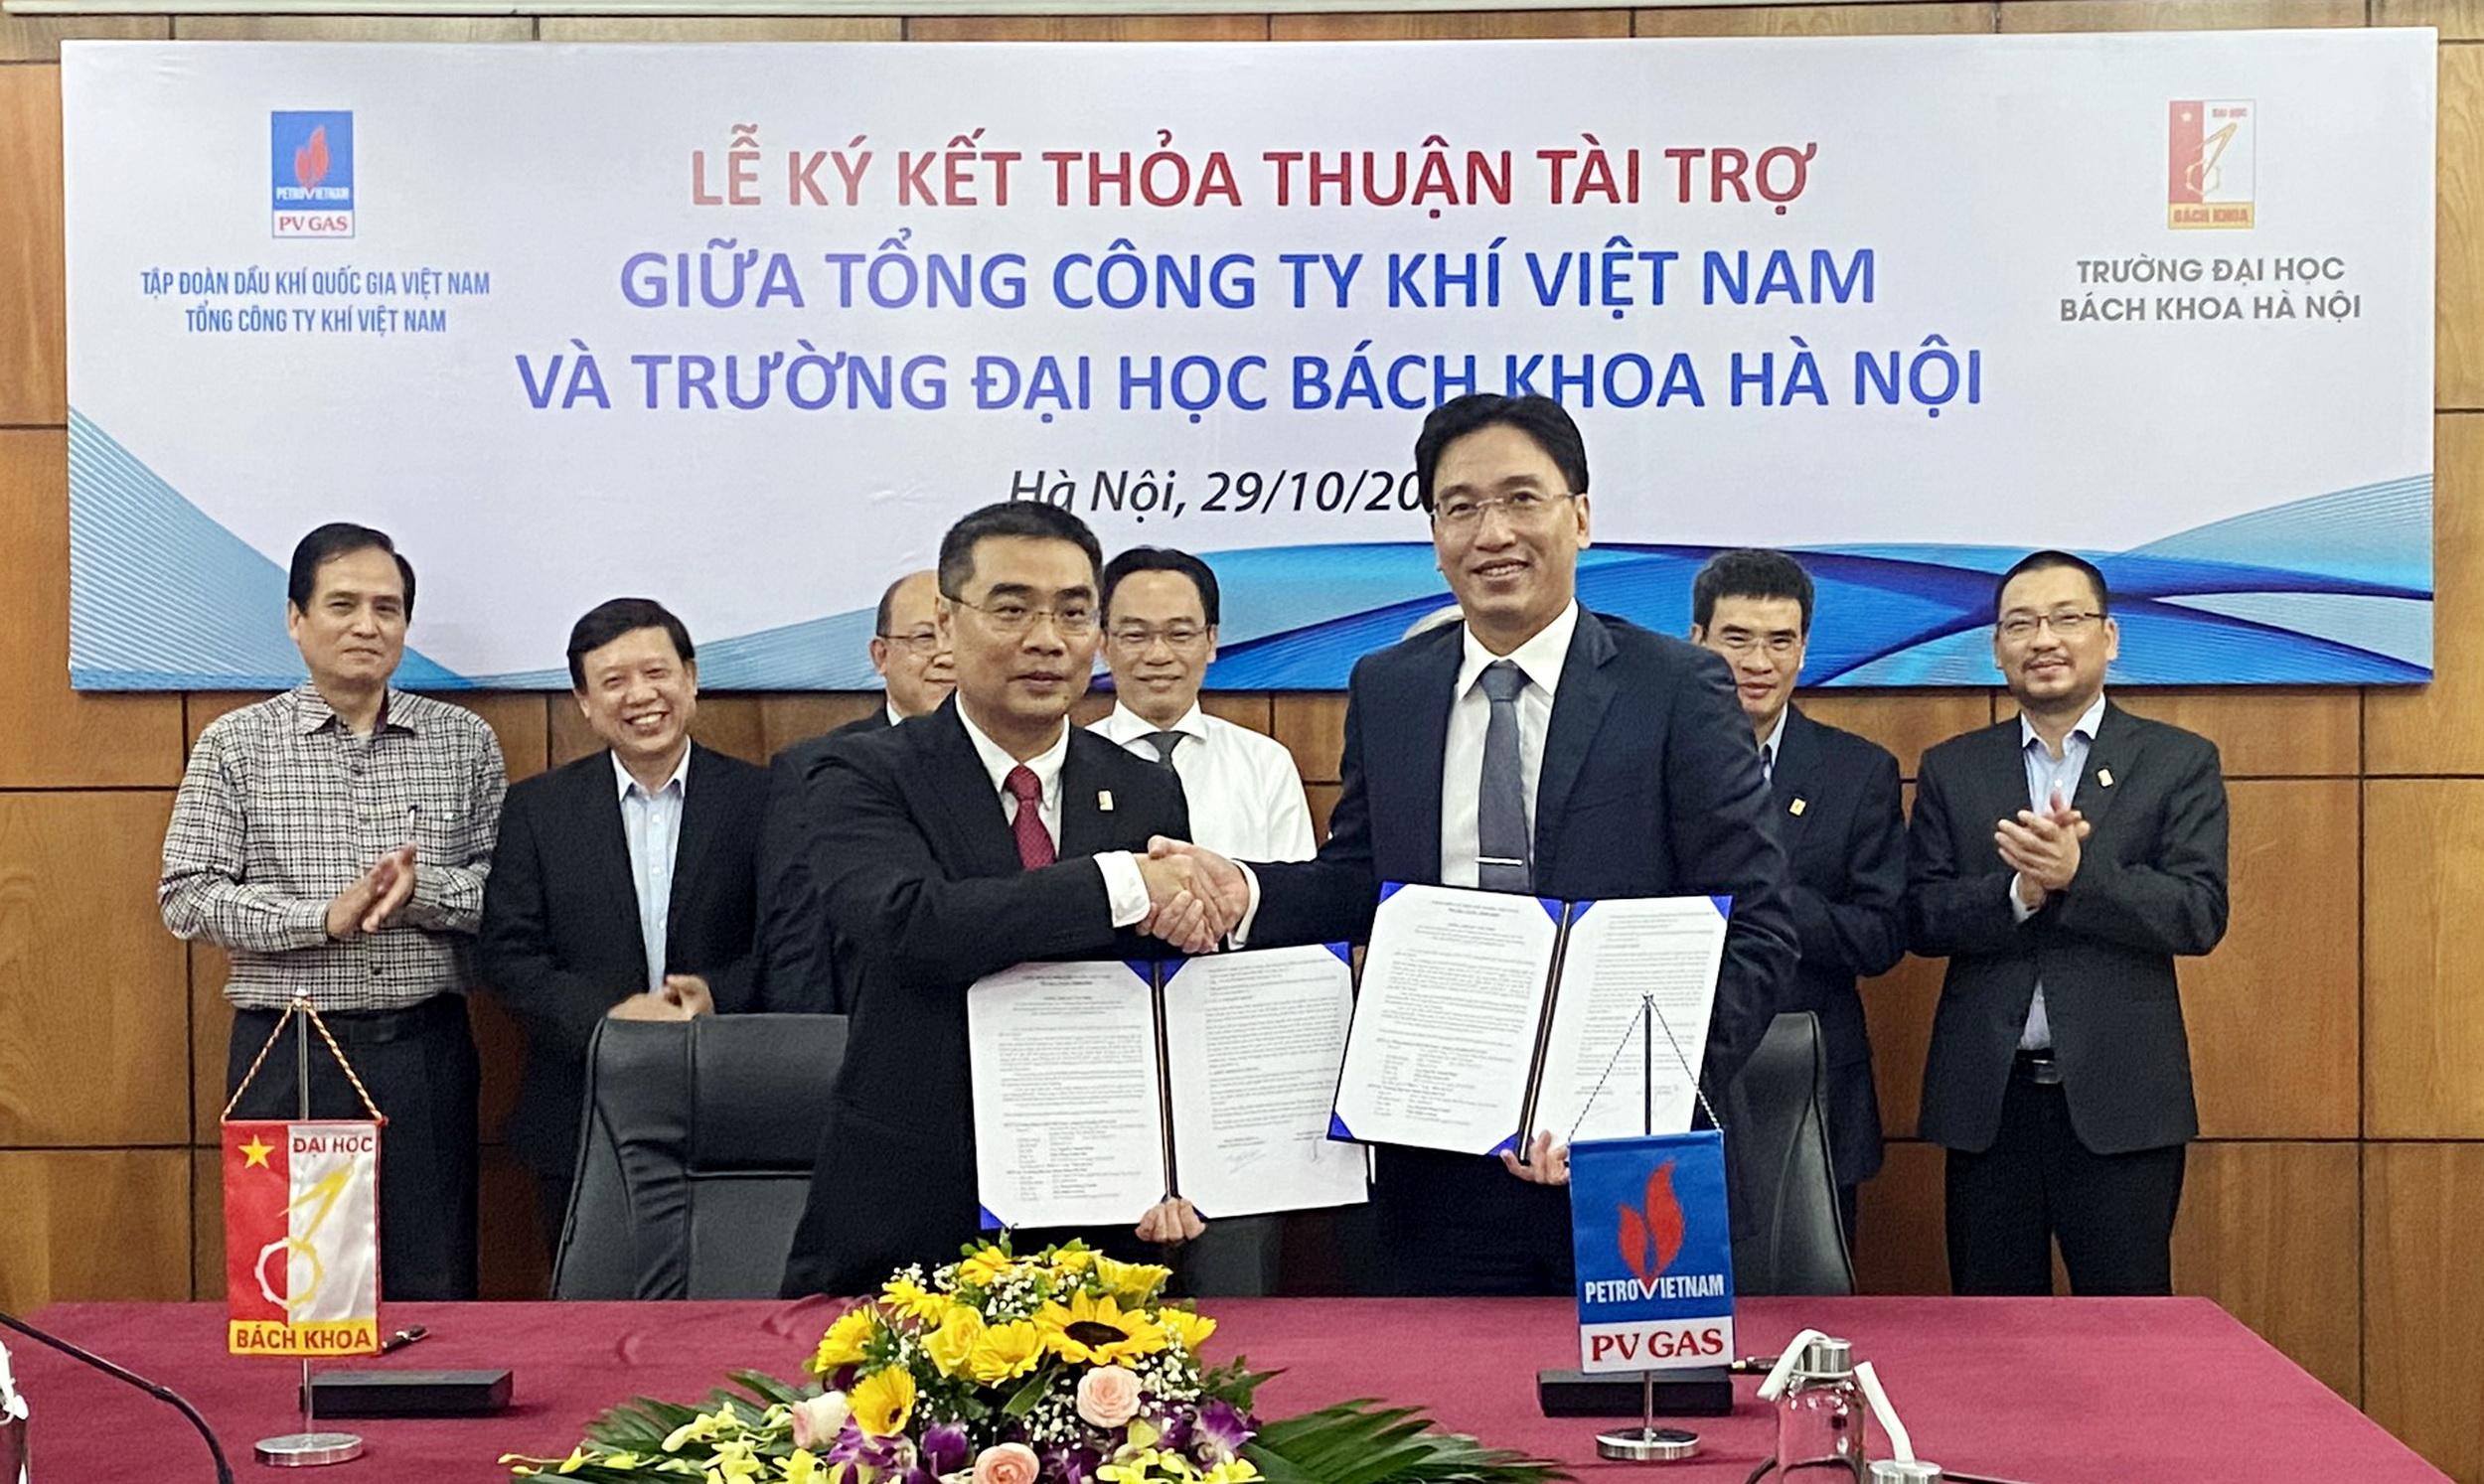 Nghi thức ký kết thỏa thuận tài trợ giữa PV GAS và trường Đại học Bách khoa Hà Nội